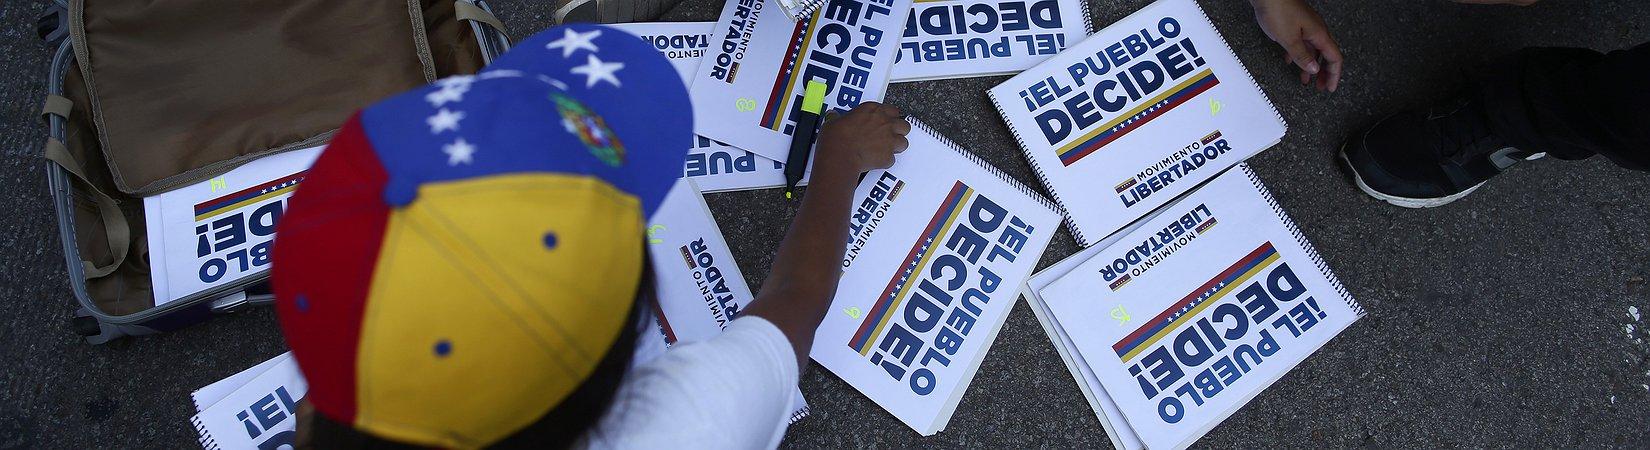 7 milioni di elettori contro Maduro alle consultazioni sulla riforma costituzionale in Venezuela